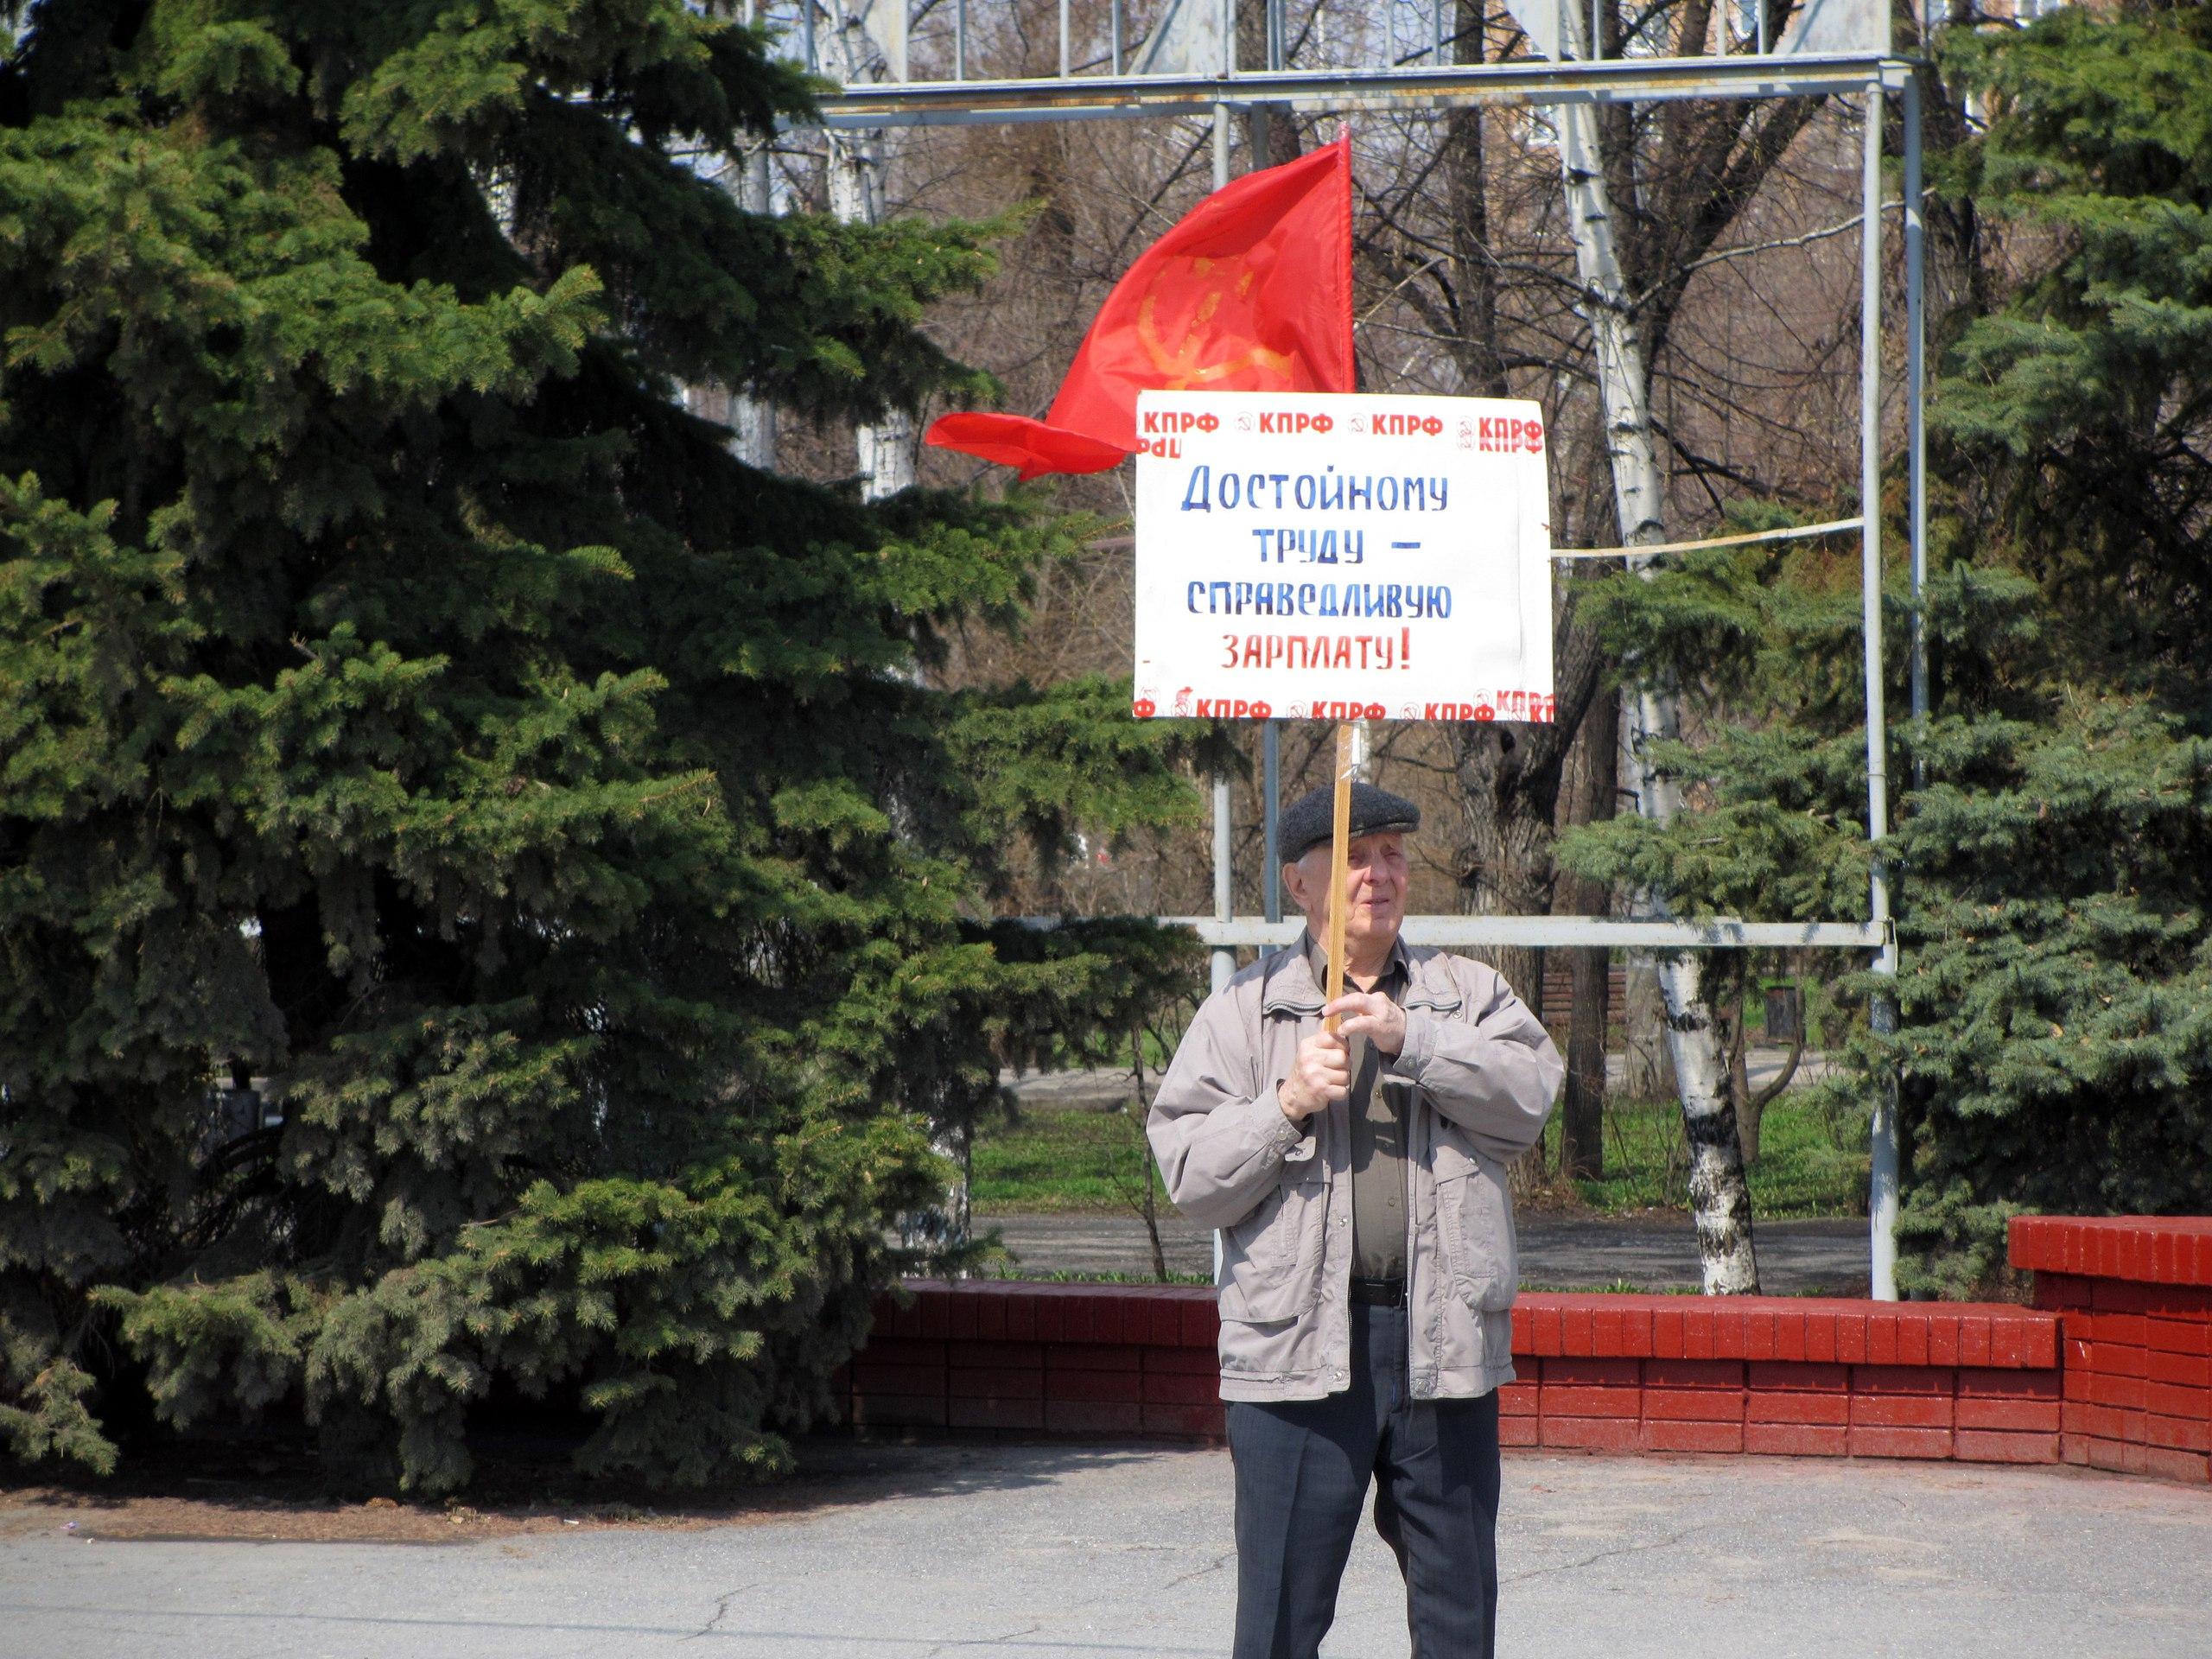 Одиночный пикет Сызрань 1 мая 2018